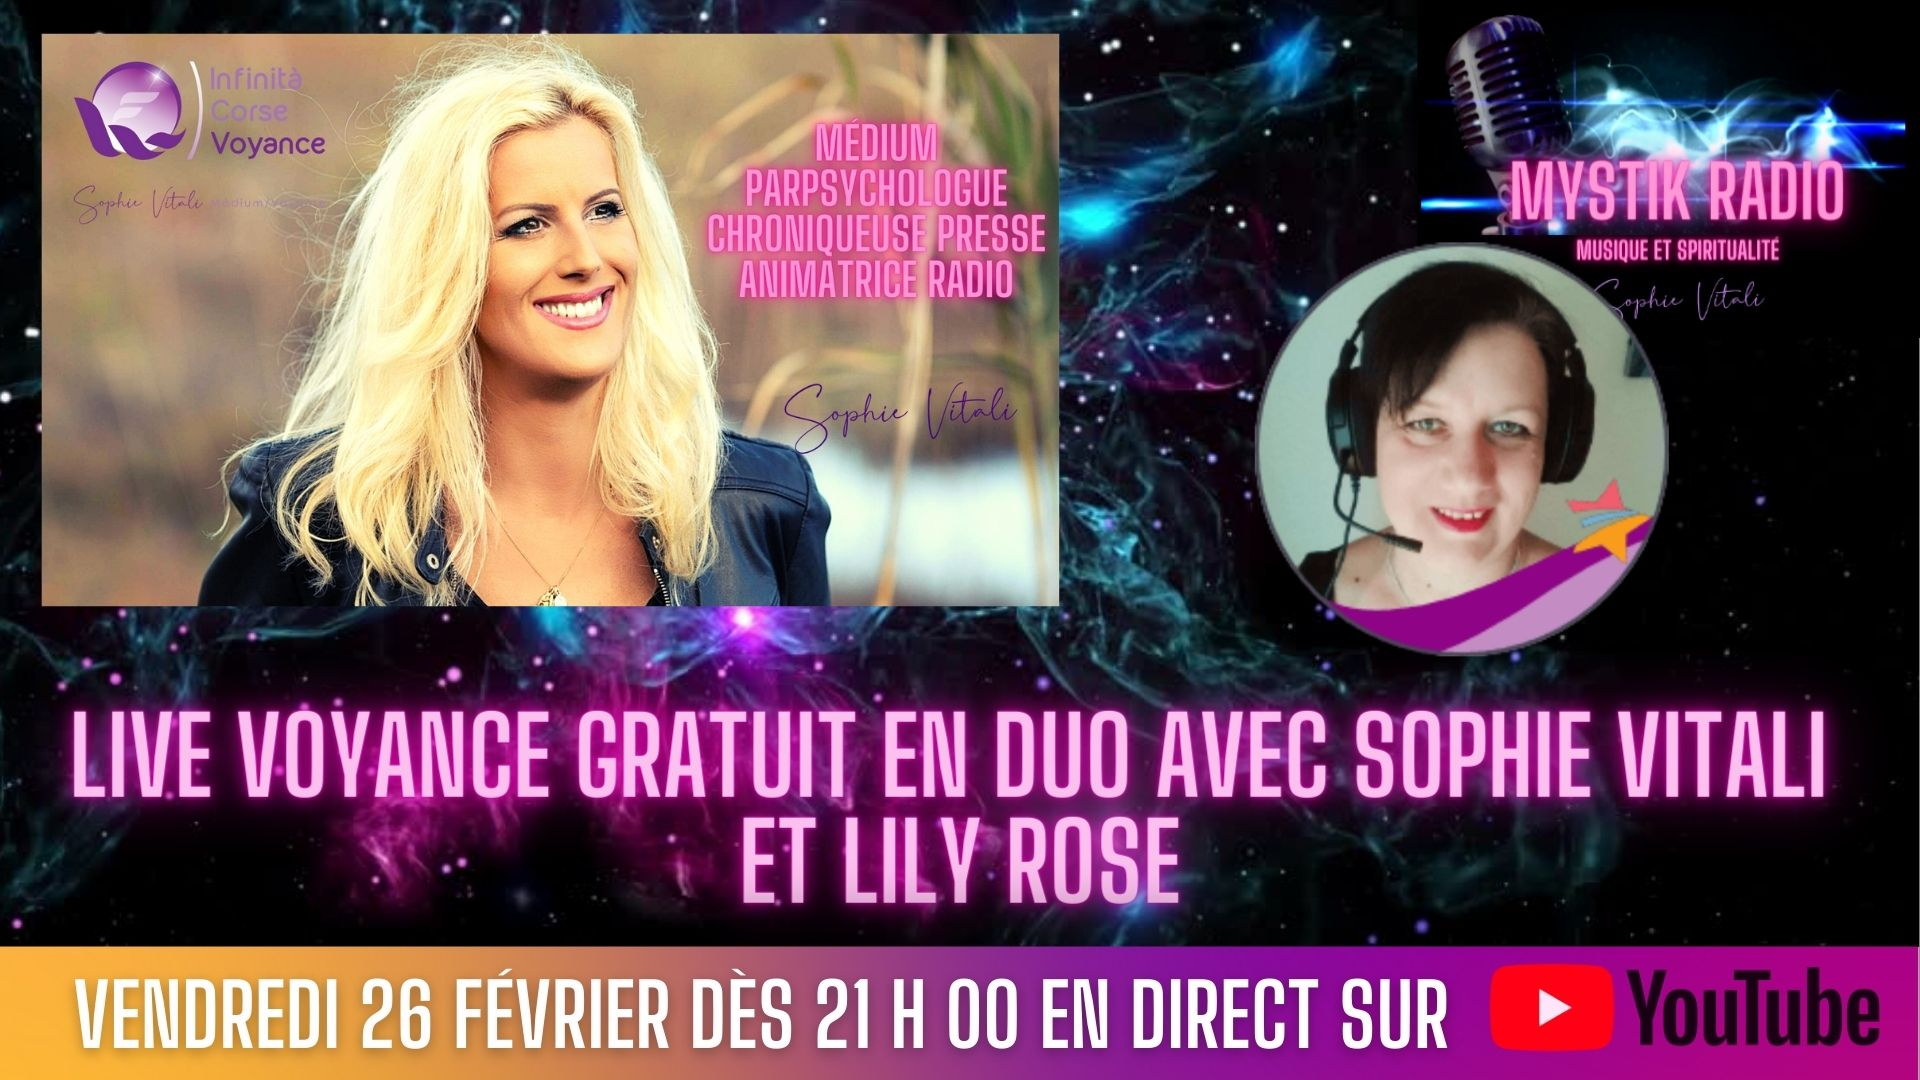 Live voyance gratuit en direct sur YouTube avec Sophie Vitali